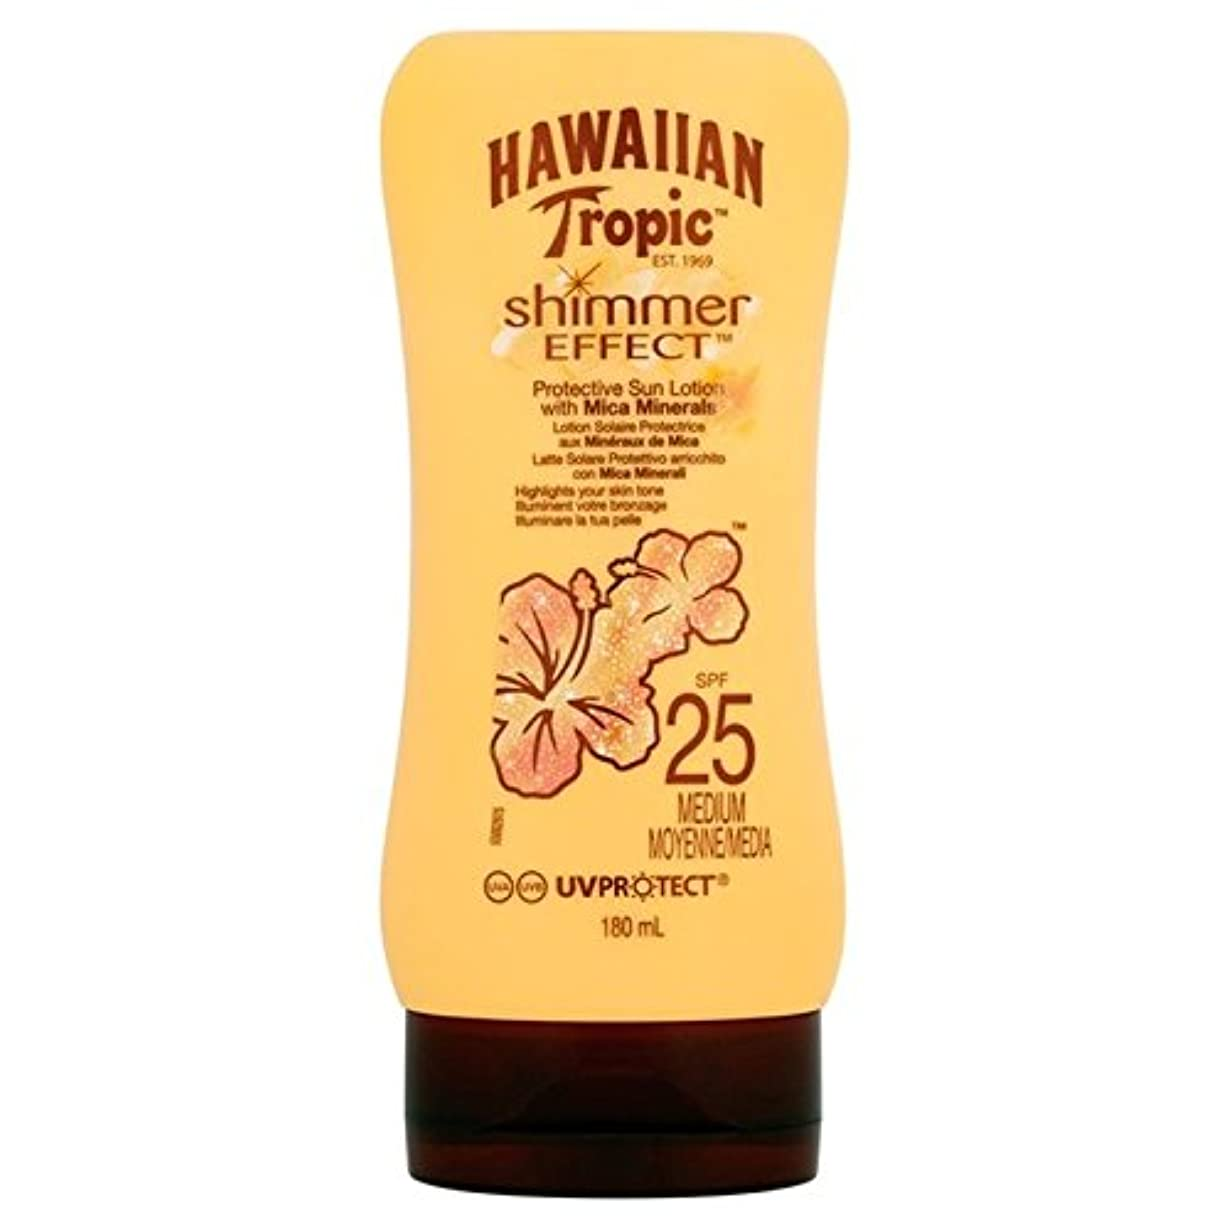 材料保安つぼみ南国ハワイシルクきらめき効果の日焼け止めクリーム 25 180ミリリットル x4 - Hawaiian Tropic Silk Shimmer Effect Sun Cream SPF 25 180ml (Pack of 4) [並行輸入品]